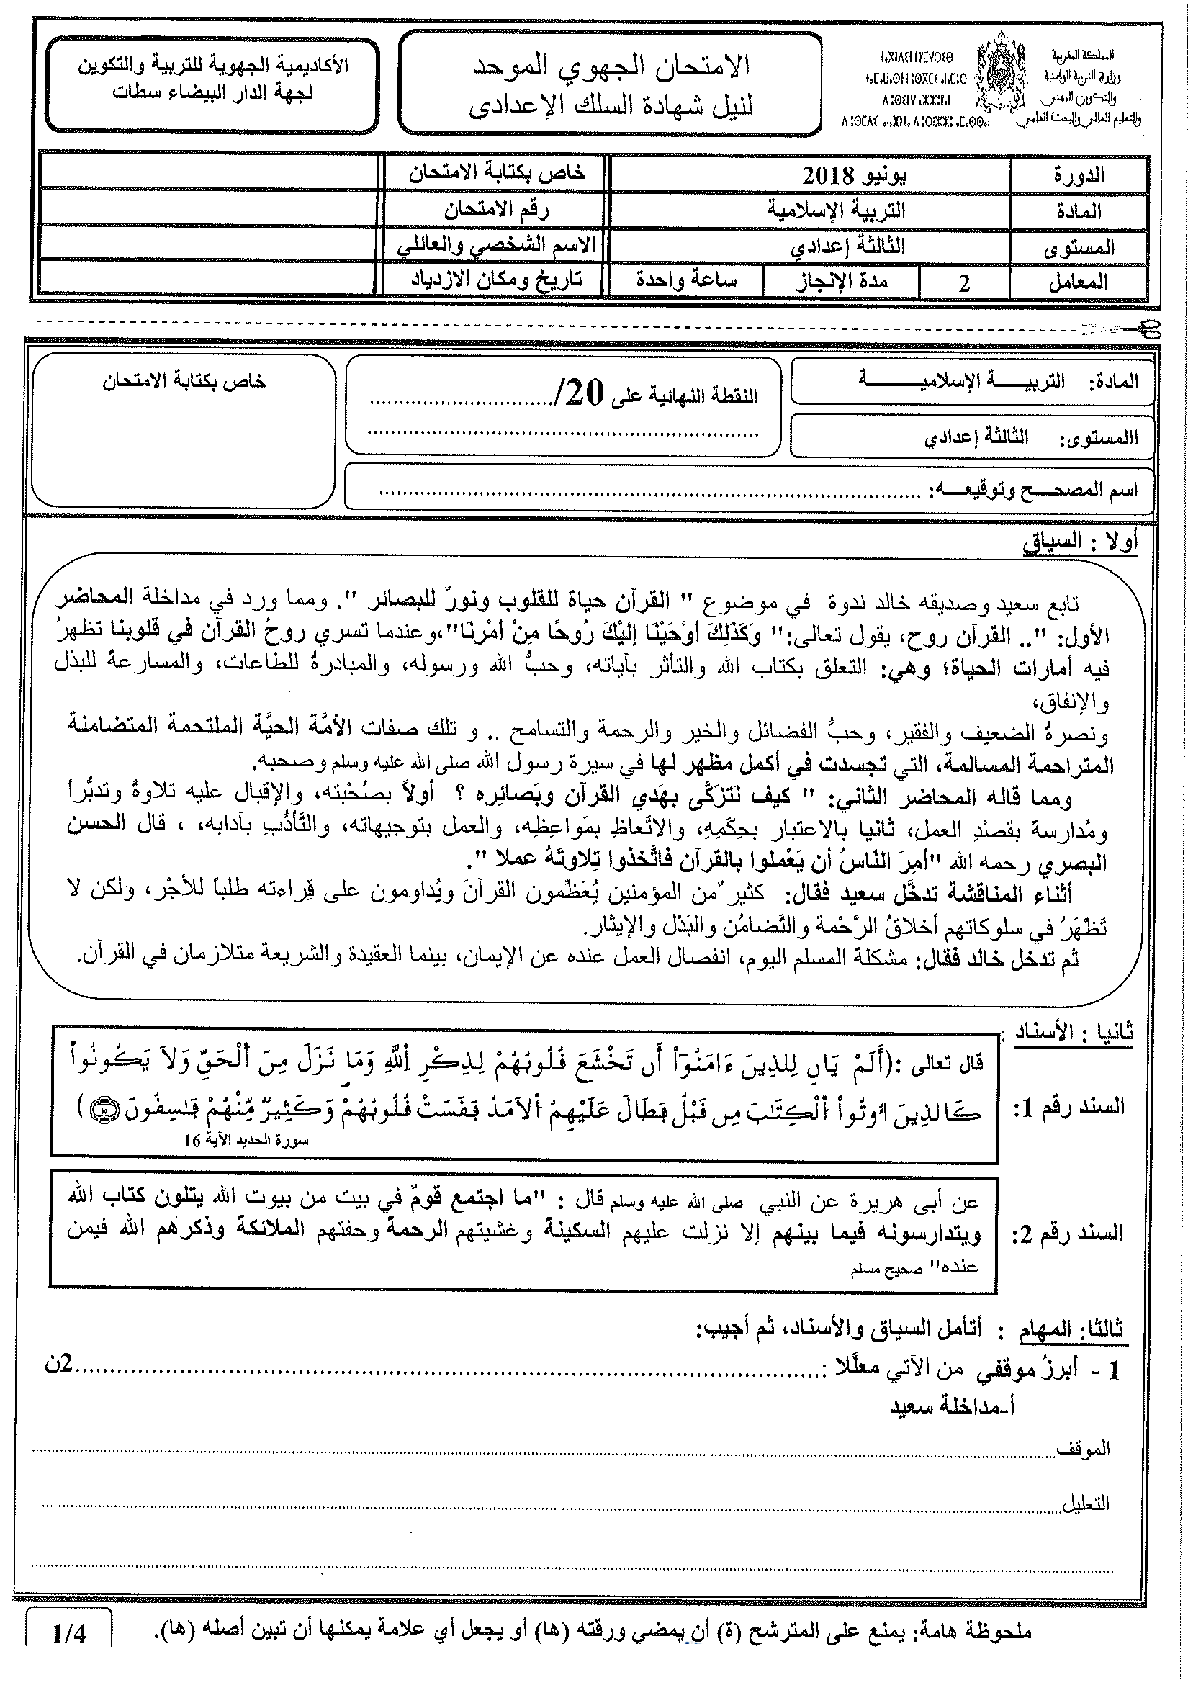 الامتحان الجهوي في التربية الإسلامية الثالثة اعدادي 2018 مع التصحيح